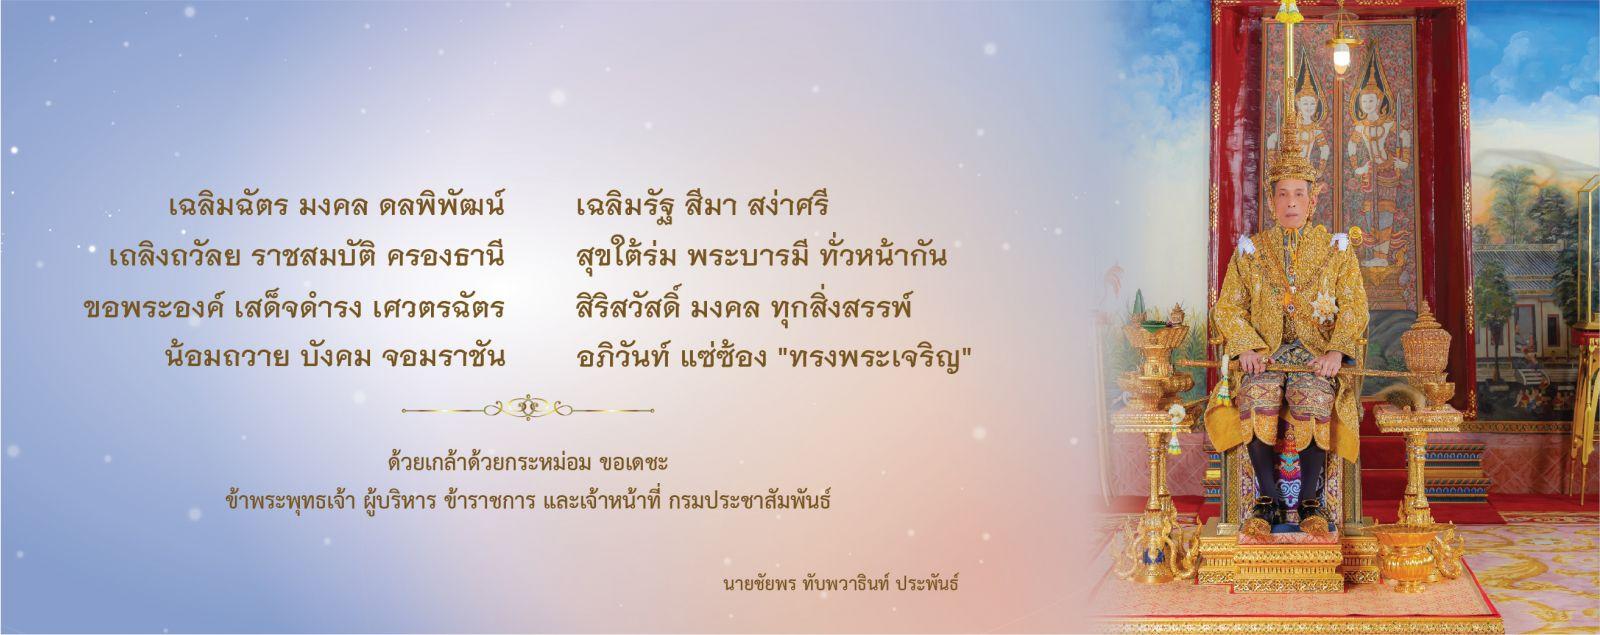 วันฉัตรมงคล พุทธศักราช ๒๕๖๓   พระราชพิธีบรมราชาภิเษก